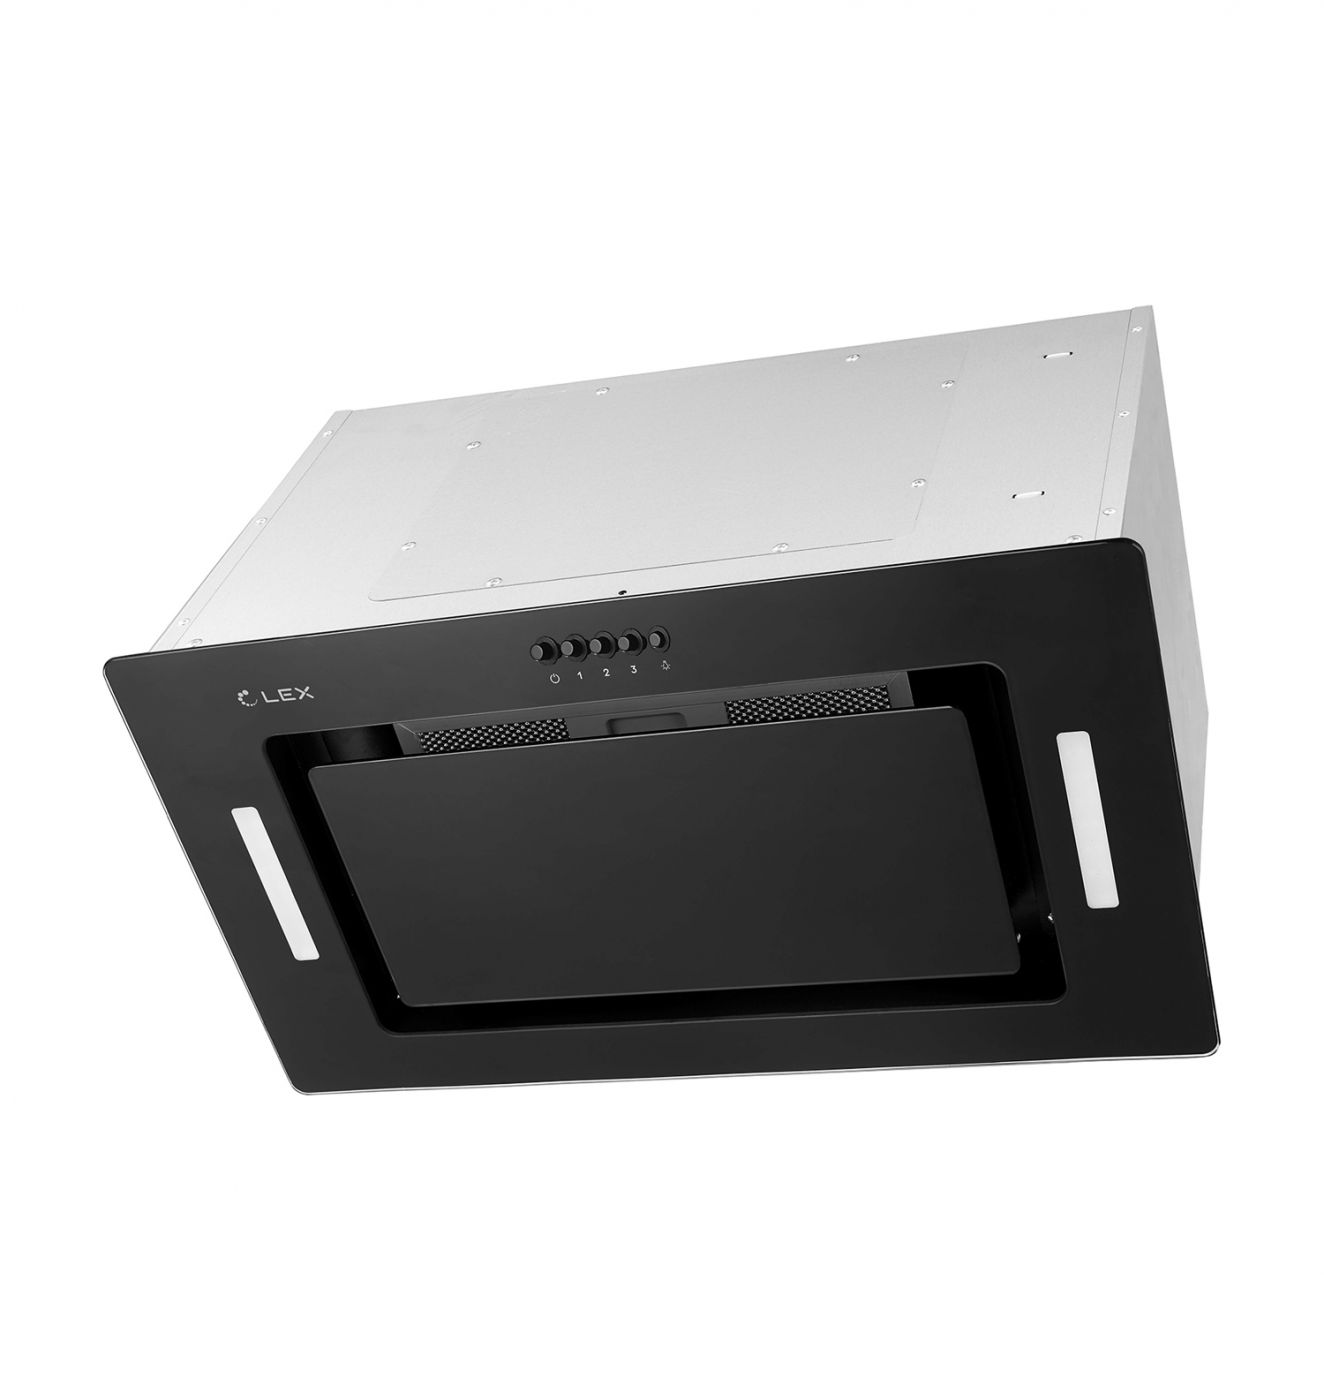 Встраиваемая вытяжка LEX GS BLOC G 600 black CHTI000359